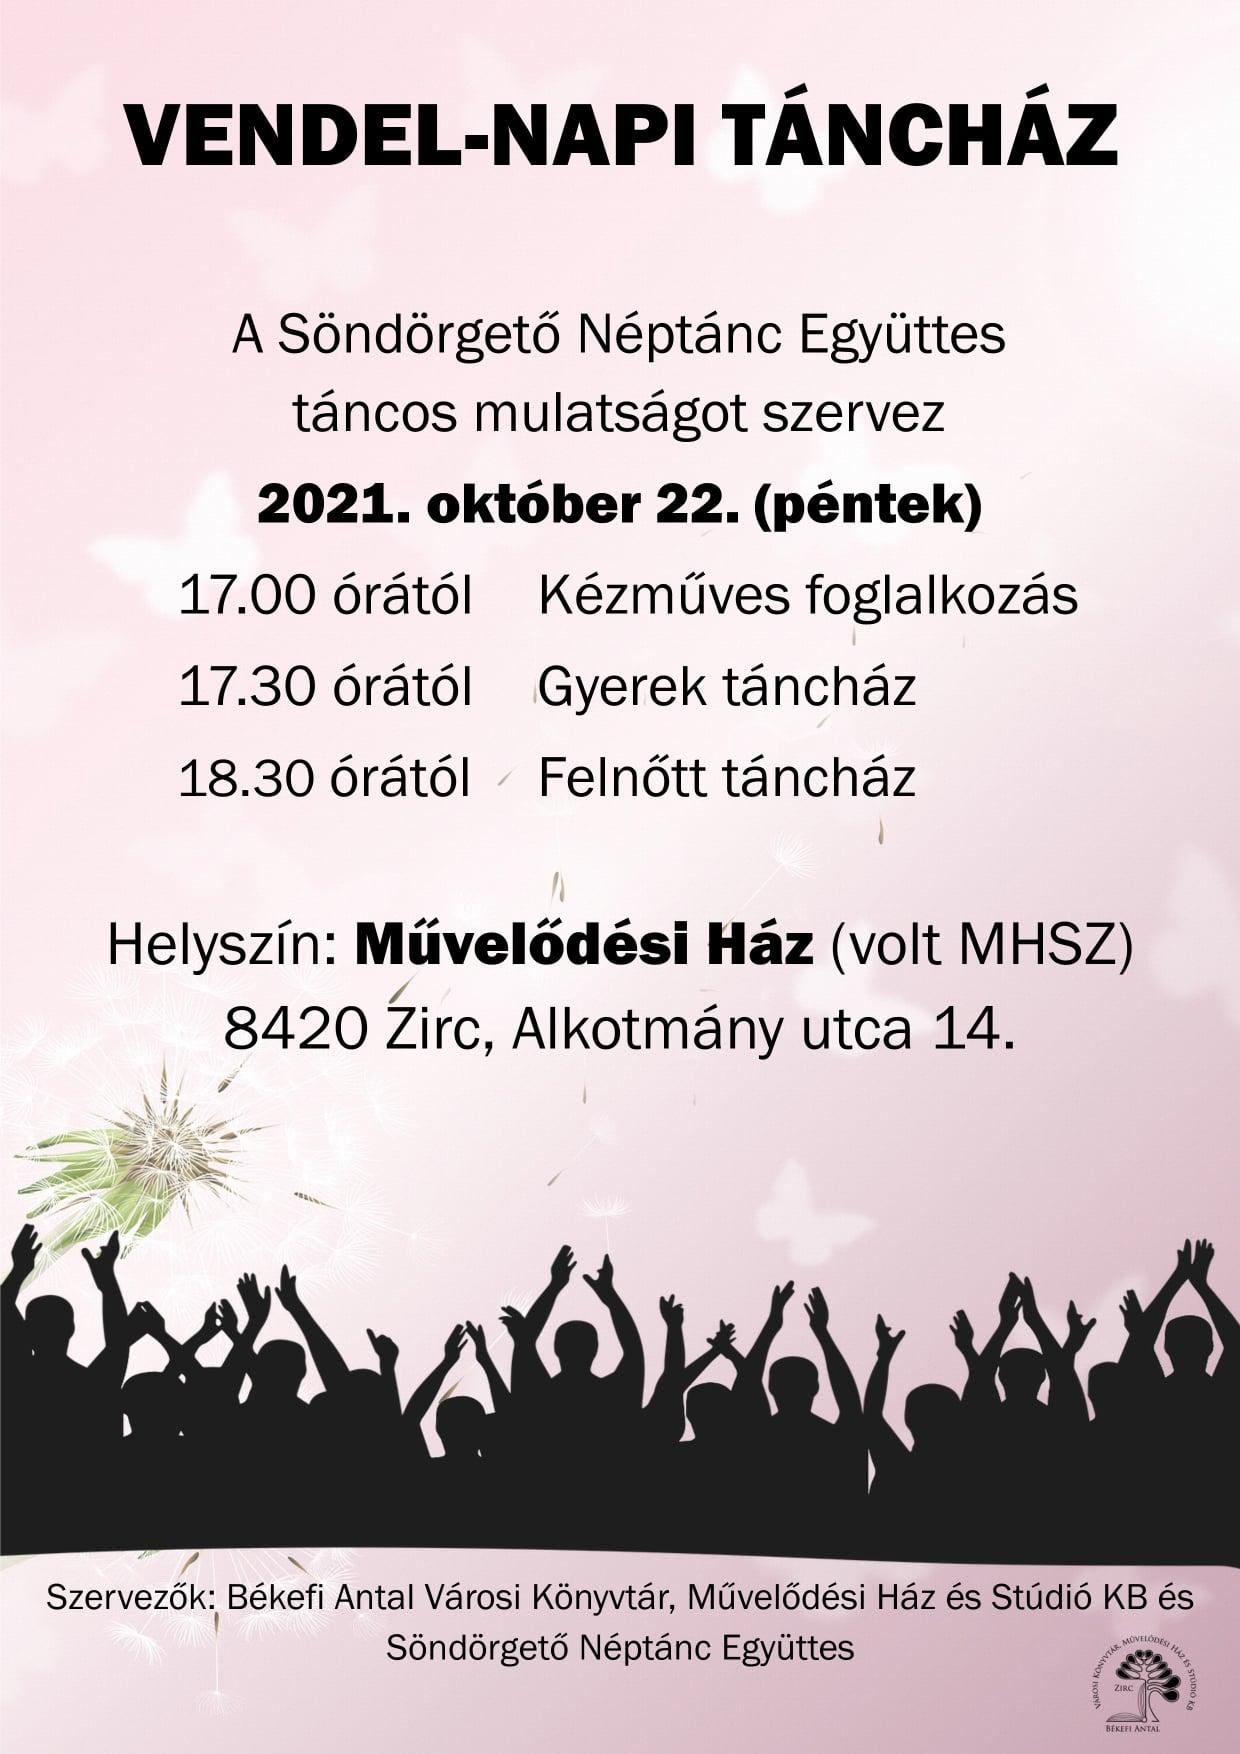 tanchaz2021.jpg